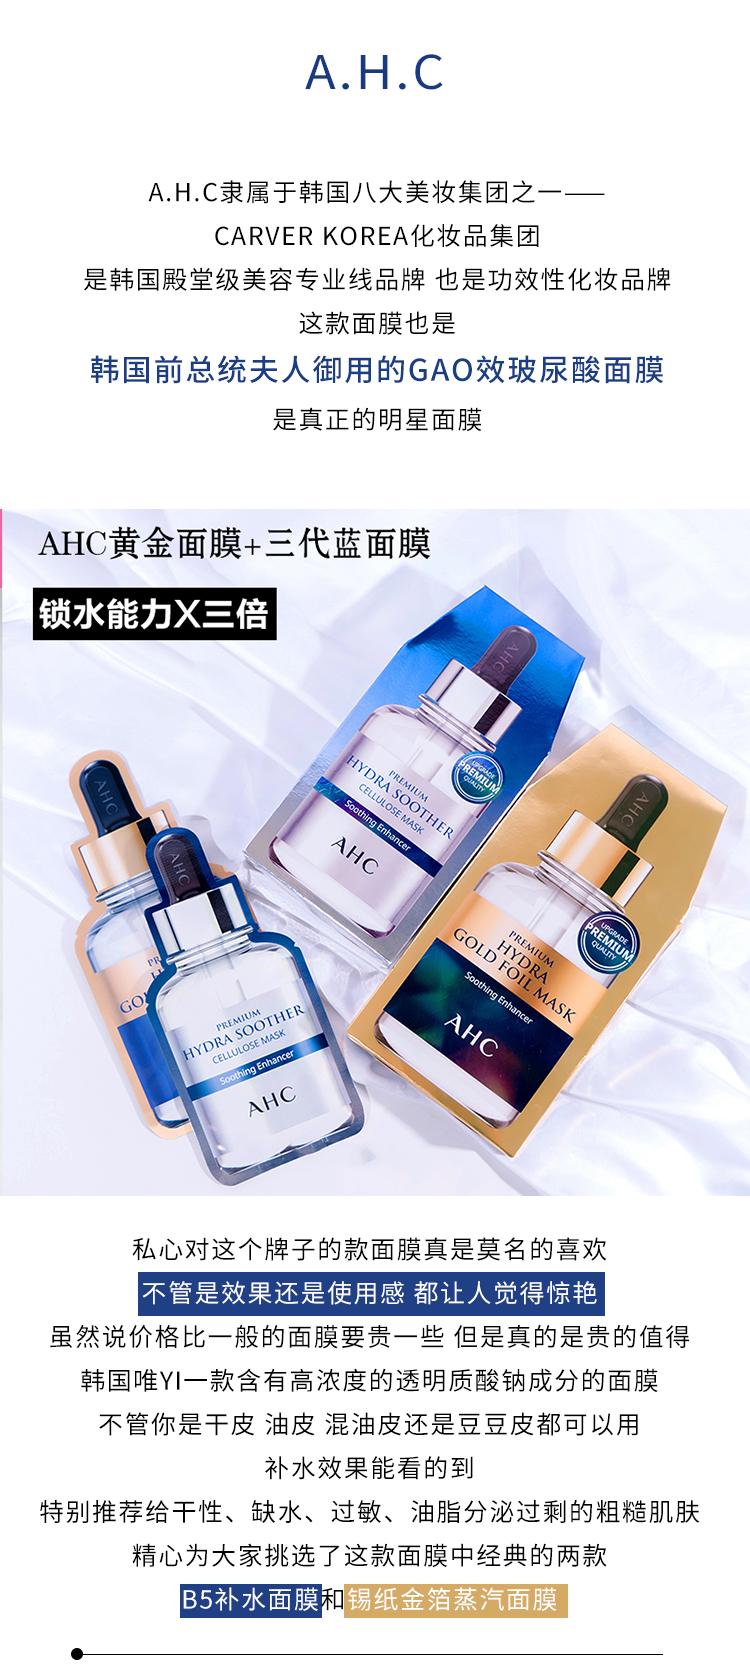 日韓代購有現貨免運!韓國AHC黃金面膜/三代玻尿酸面膜補水緊致 5片的價格